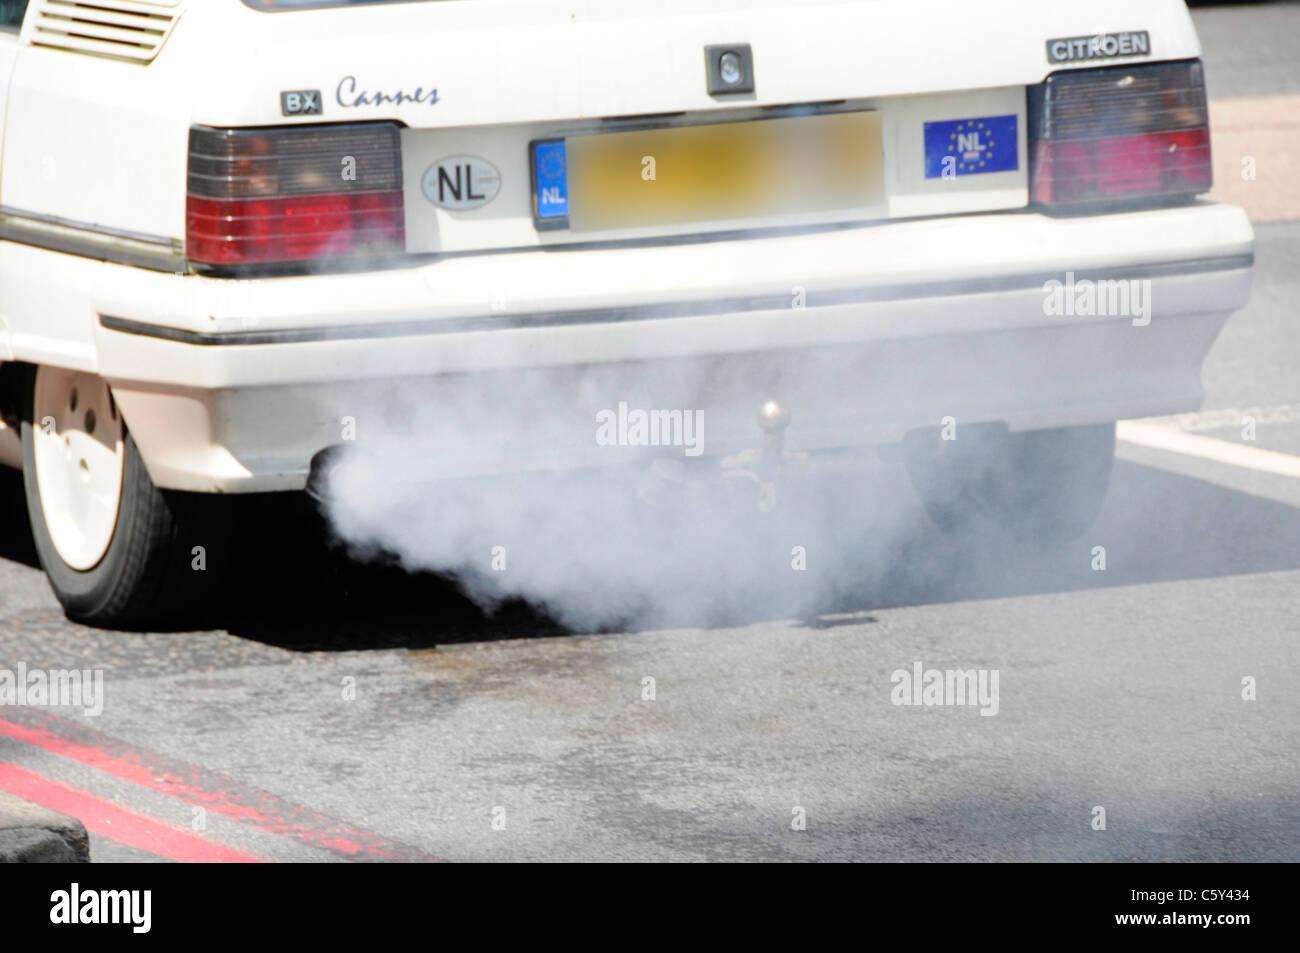 Registrati olandese vecchia Citroen auto con inquinanti difettoso sistema di scarico fumi ambiente danneggiando Immagini Stock